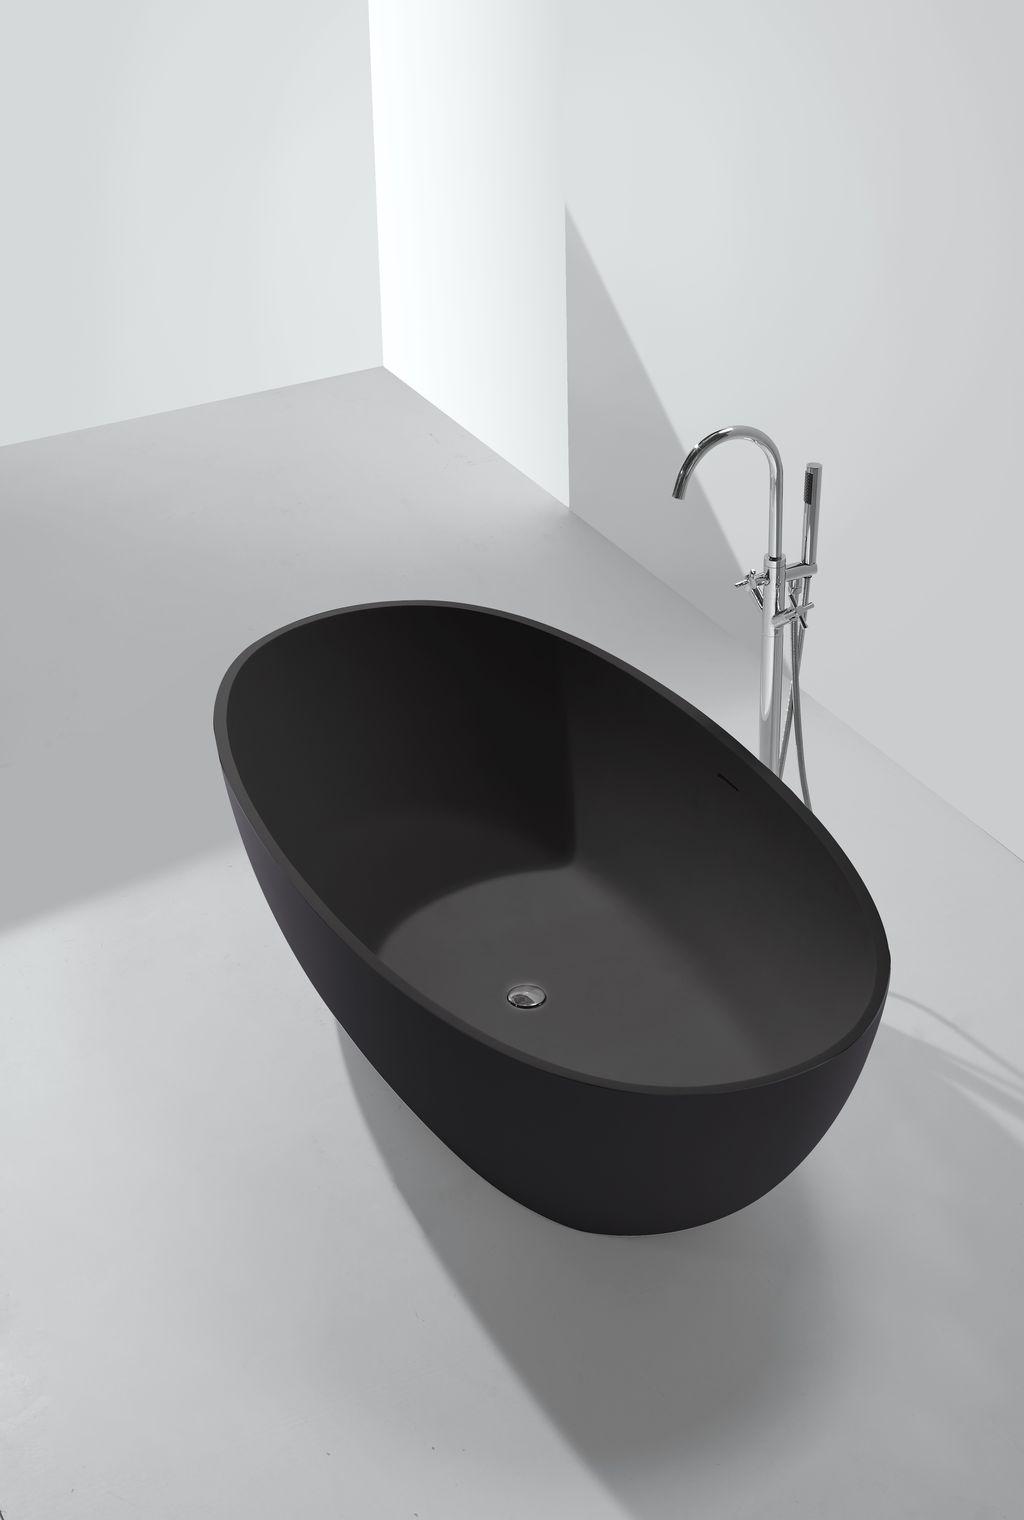 Mineralguss badewanne ductilo schwarz freistehend for Badewanne freistehend mineralguss